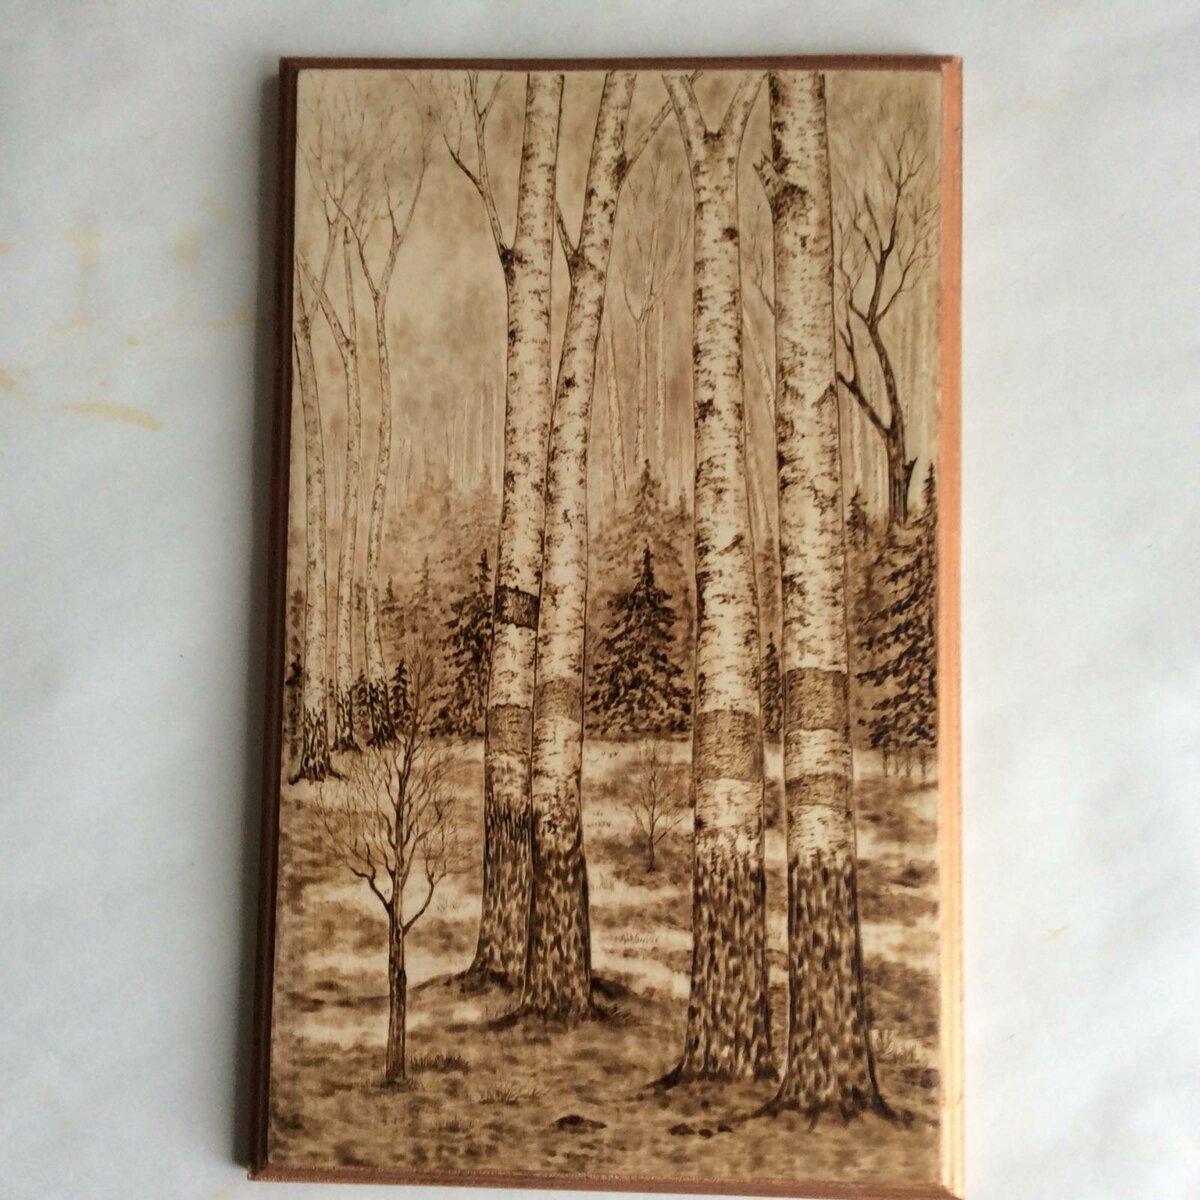 этот лес картинки для выжигания по дереву для поэтому существует первое